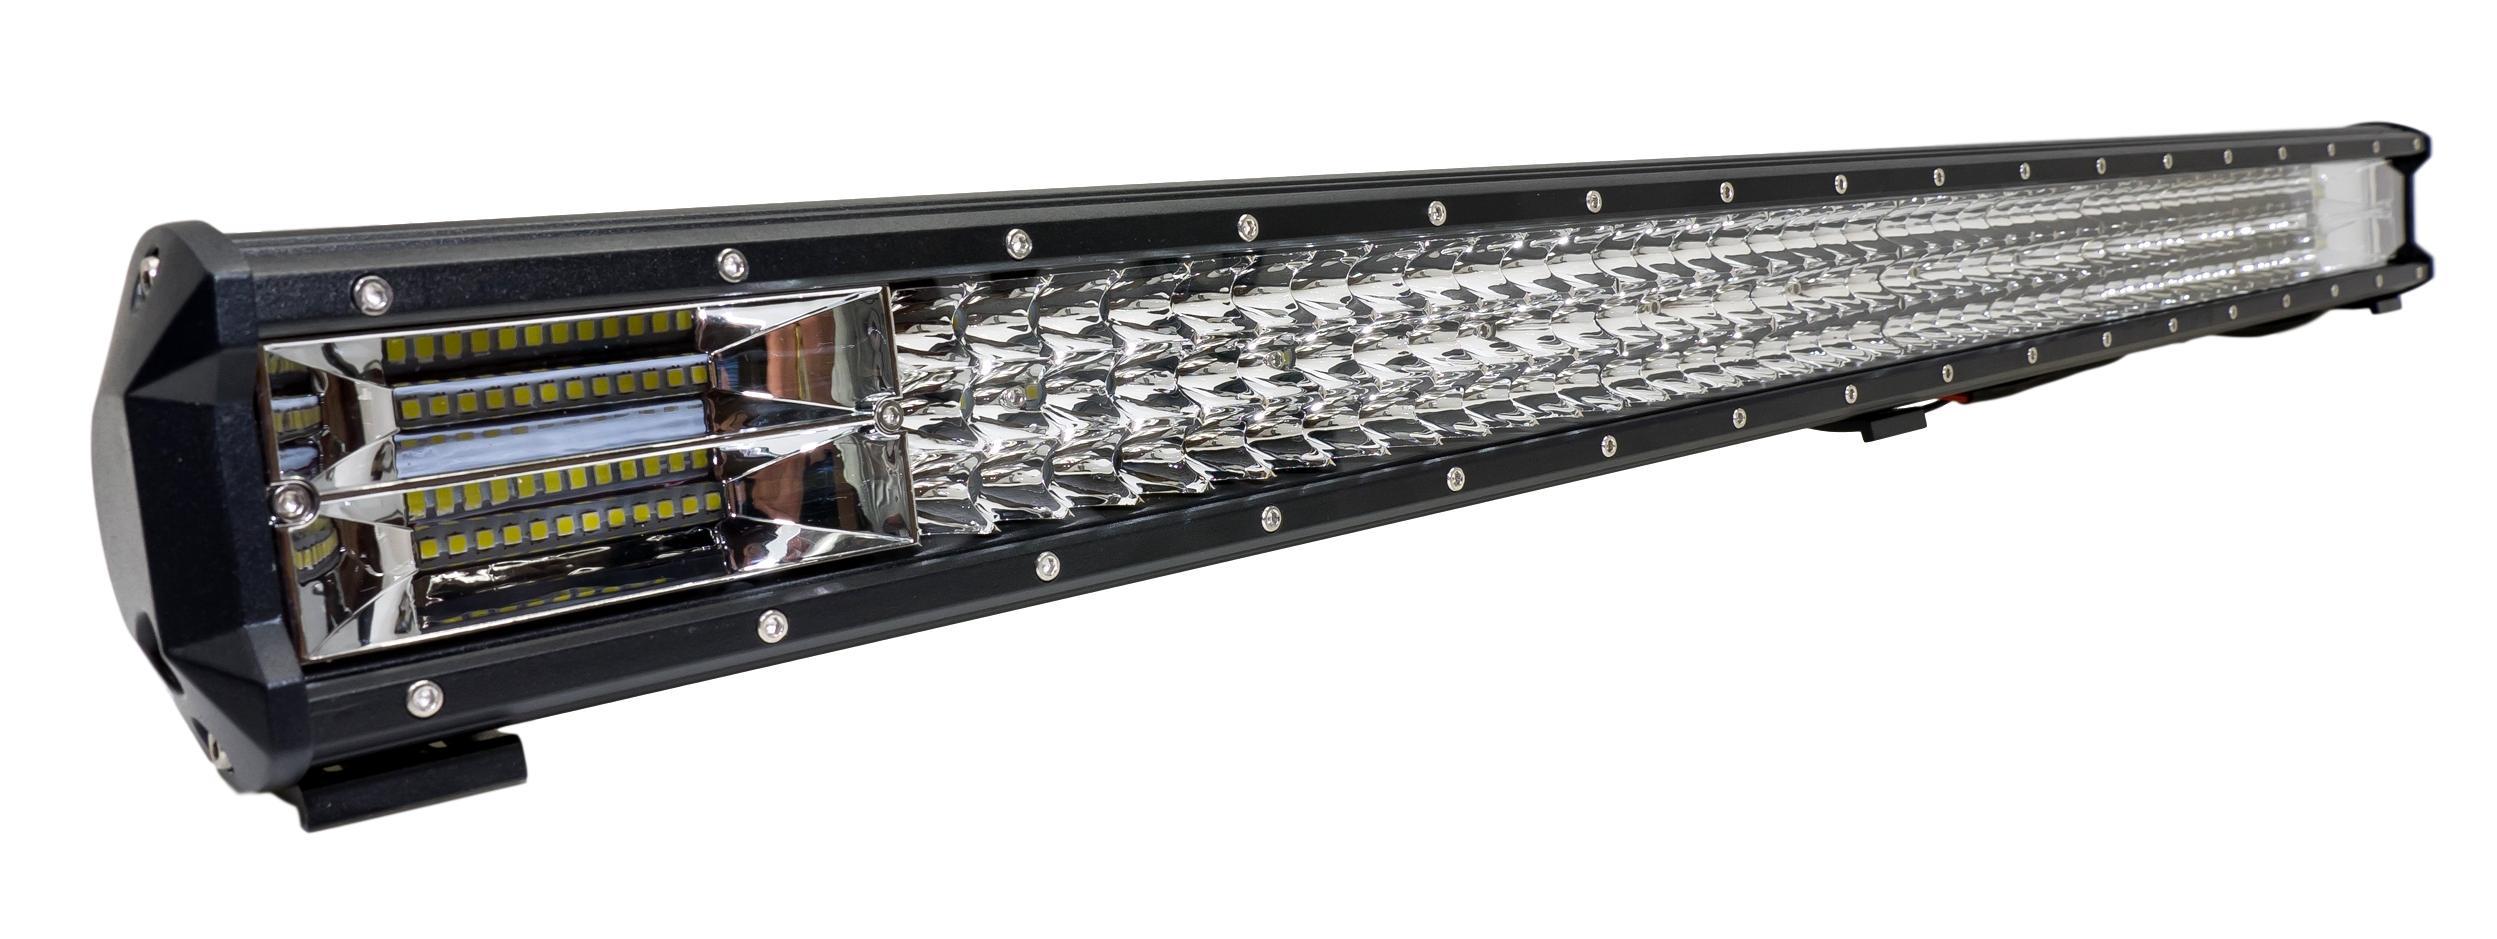 Светодиодная панель рабочего освещения COMBO 504 W 94 см